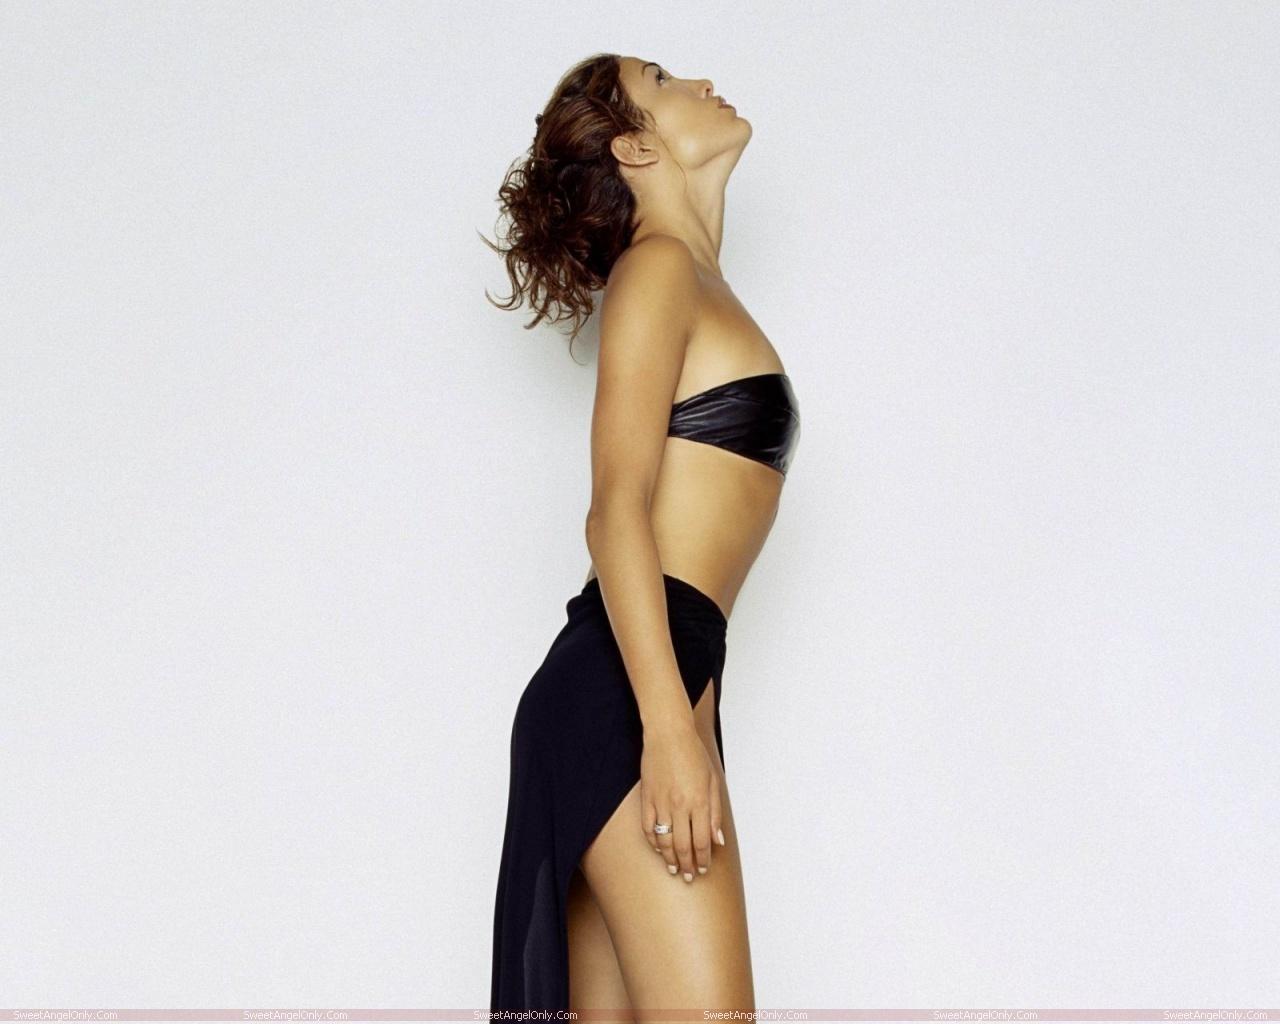 http://3.bp.blogspot.com/-rVxLoSbzeGE/TW0NKL63yhI/AAAAAAAAEzg/-UICTiwA3XM/s1600/actress_jennifer_lopez_hot_wallpapers_in_bikini_sweetangelonly_48.jpg